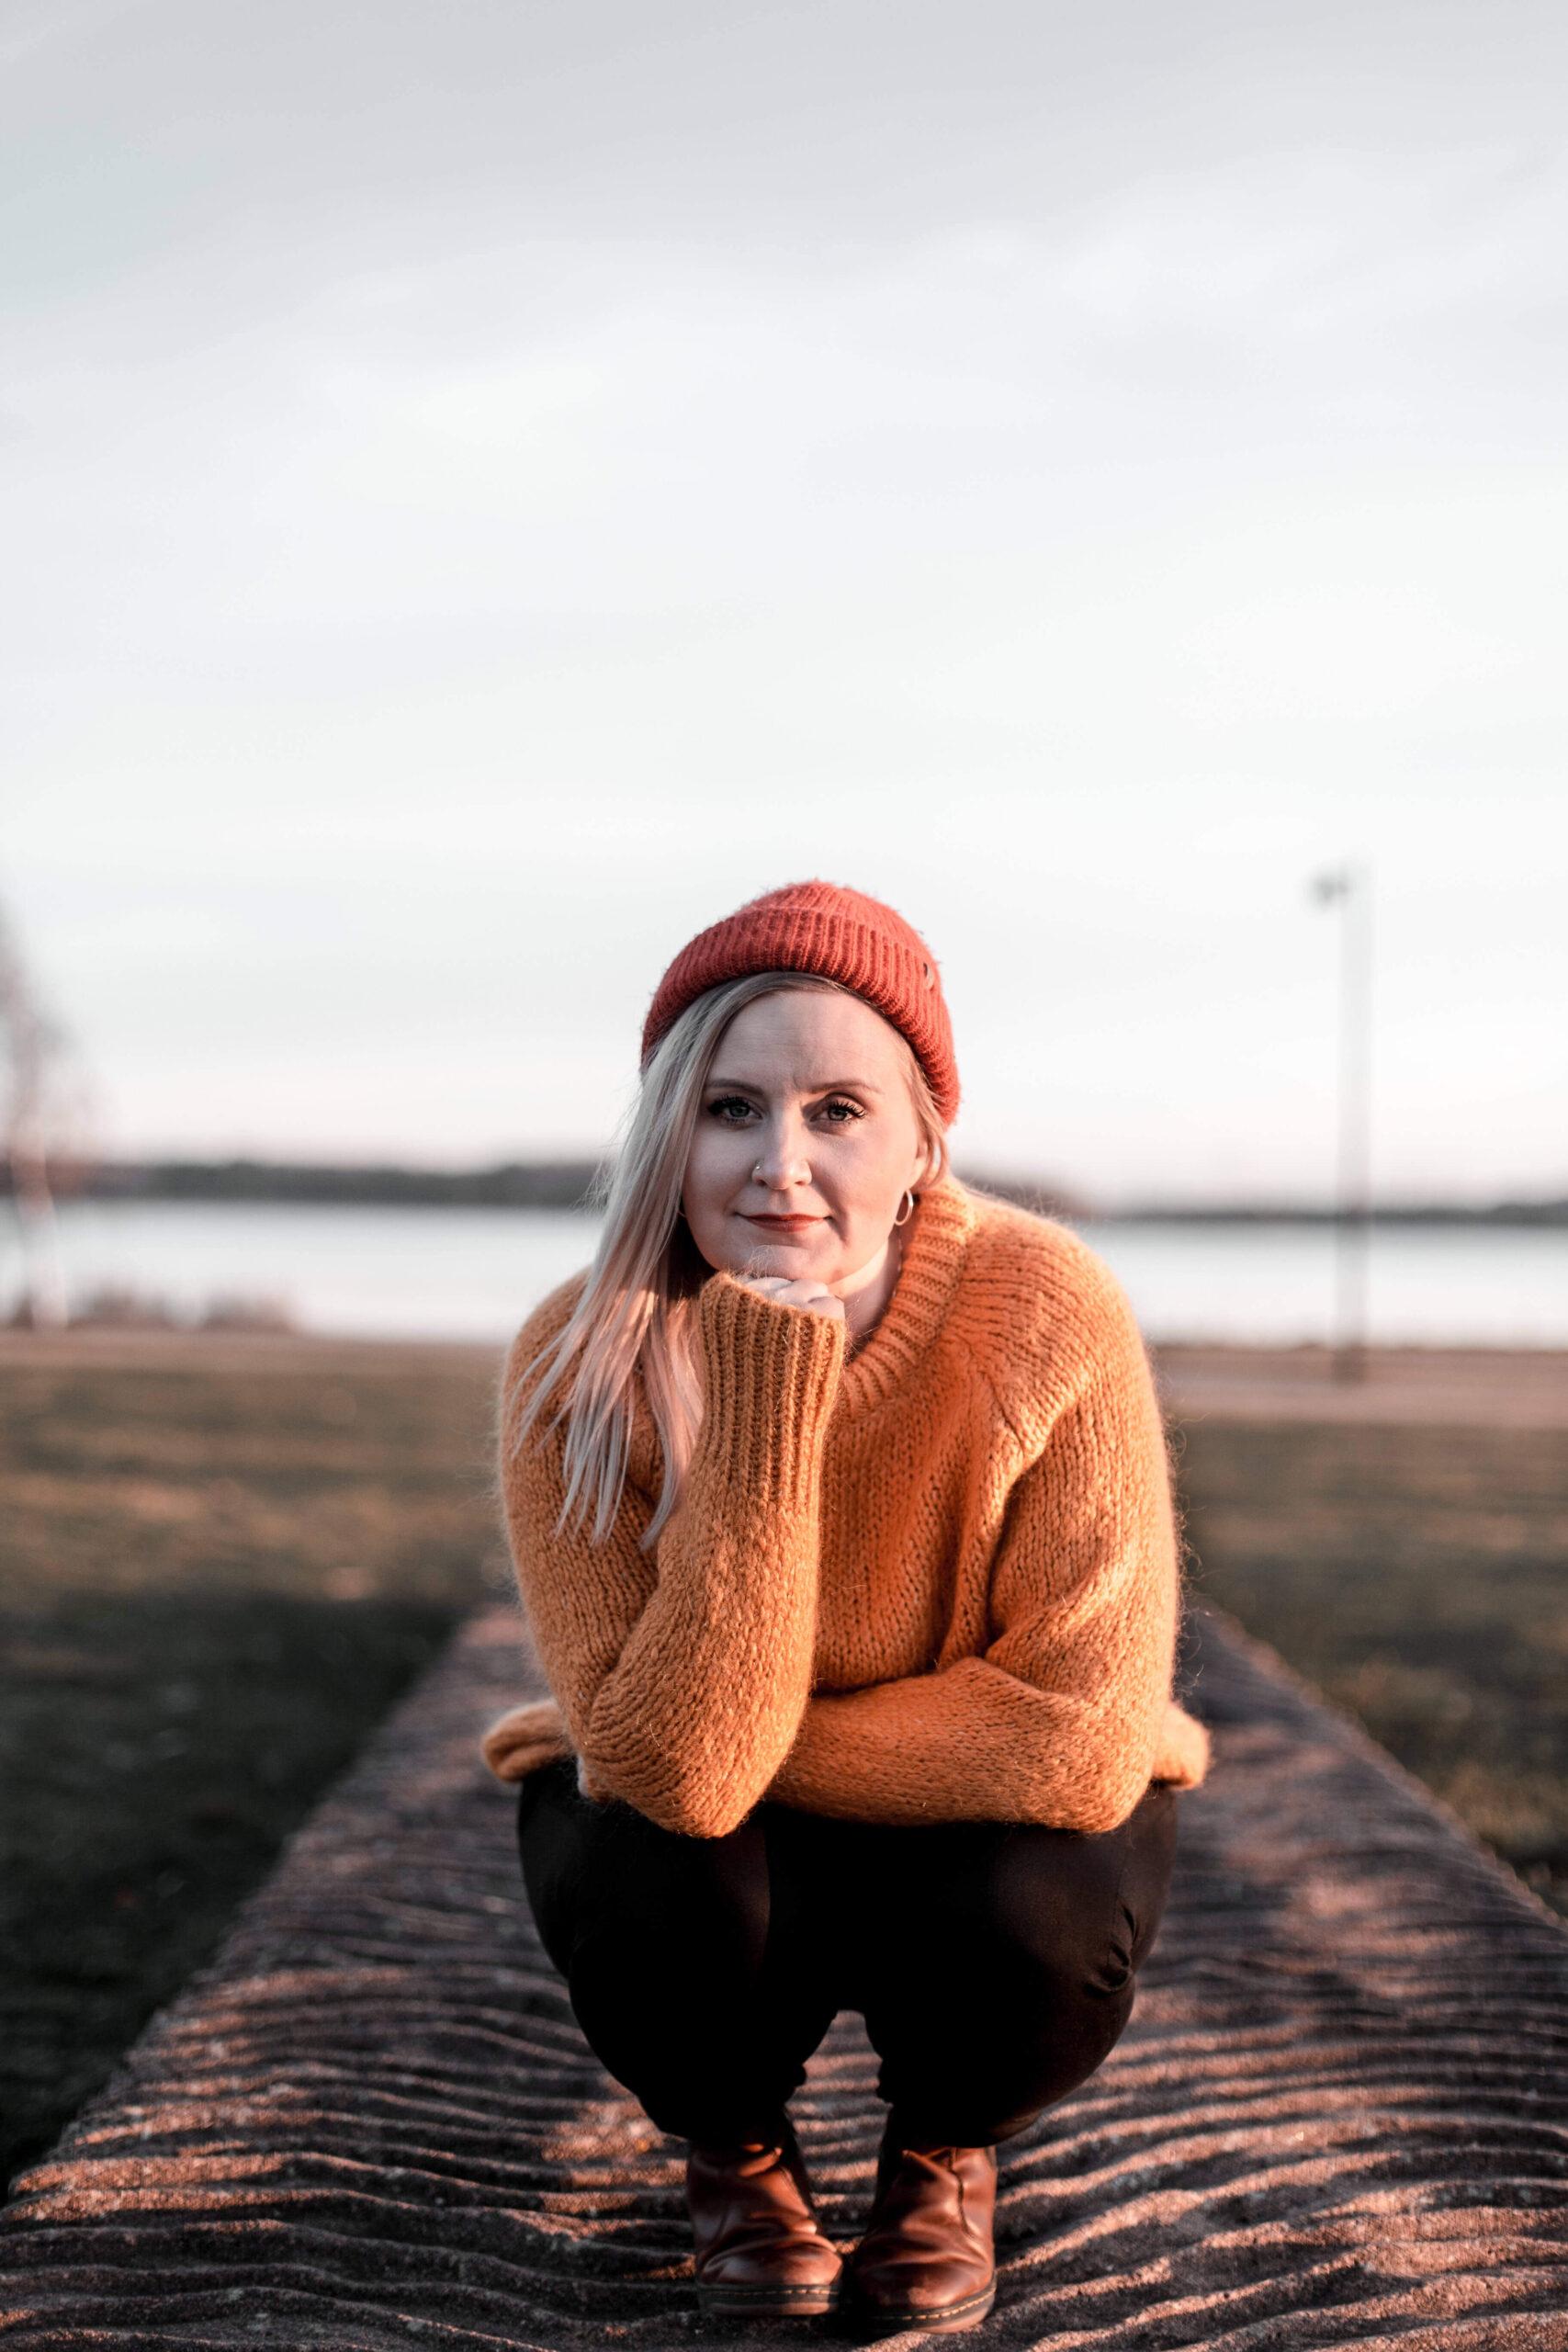 Nainen kyykyssä rannalla punainen pipo päässä ja vaaleat hiukset auki katse kameraan